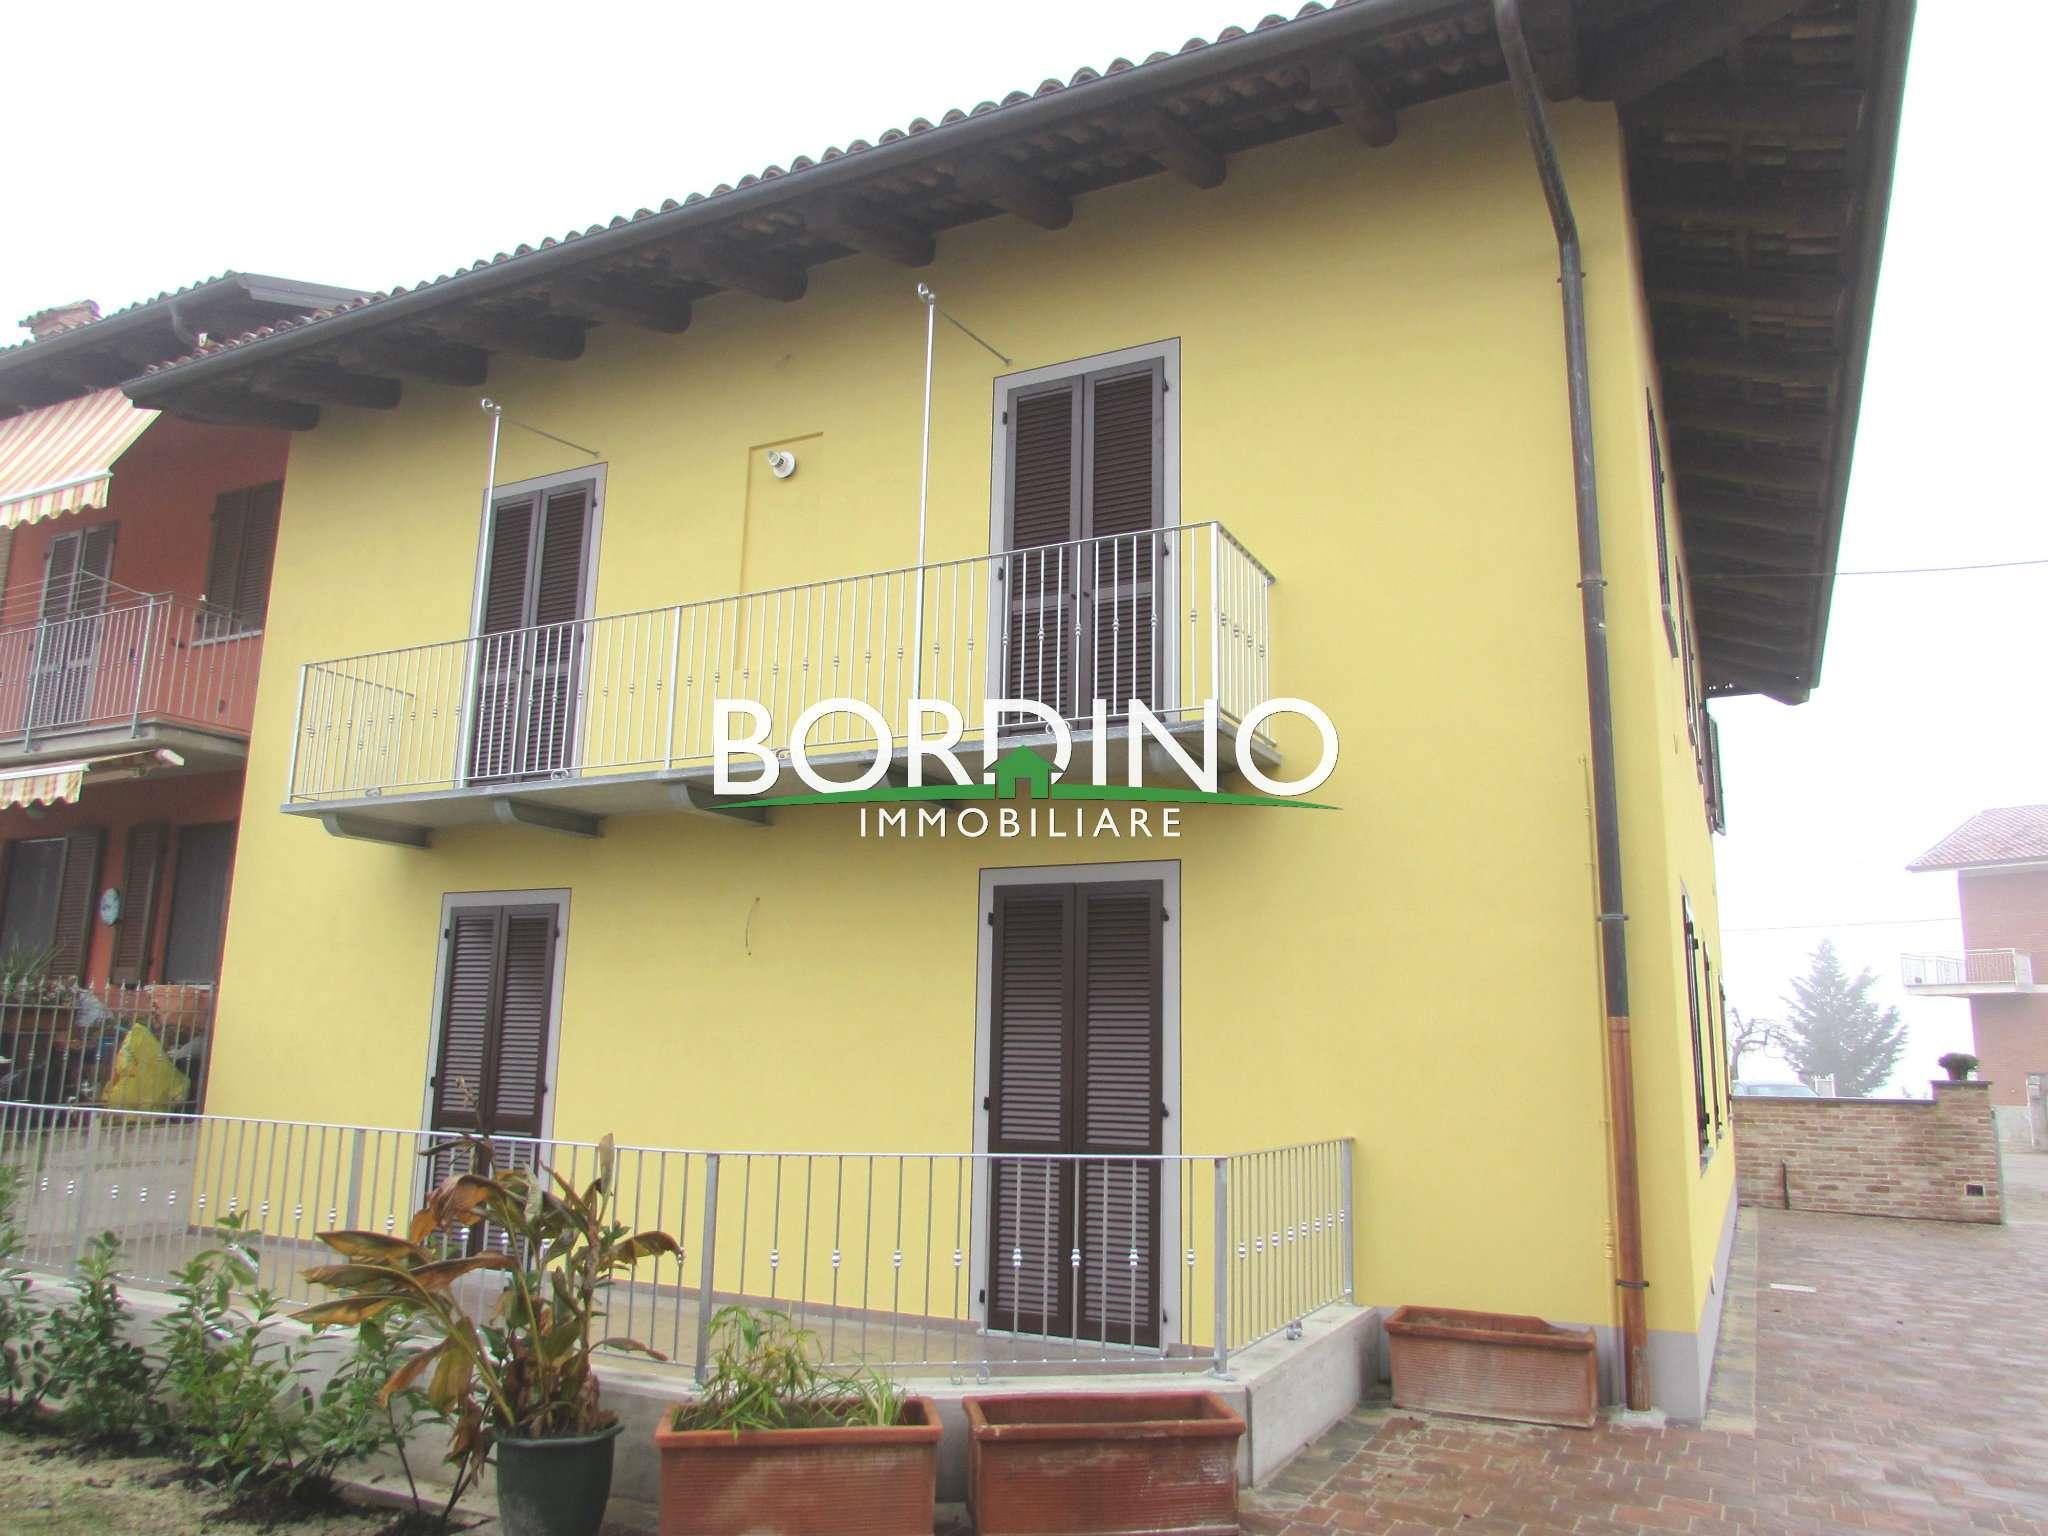 Appartamento in affitto a Magliano Alfieri, 2 locali, prezzo € 400 | Cambio Casa.it